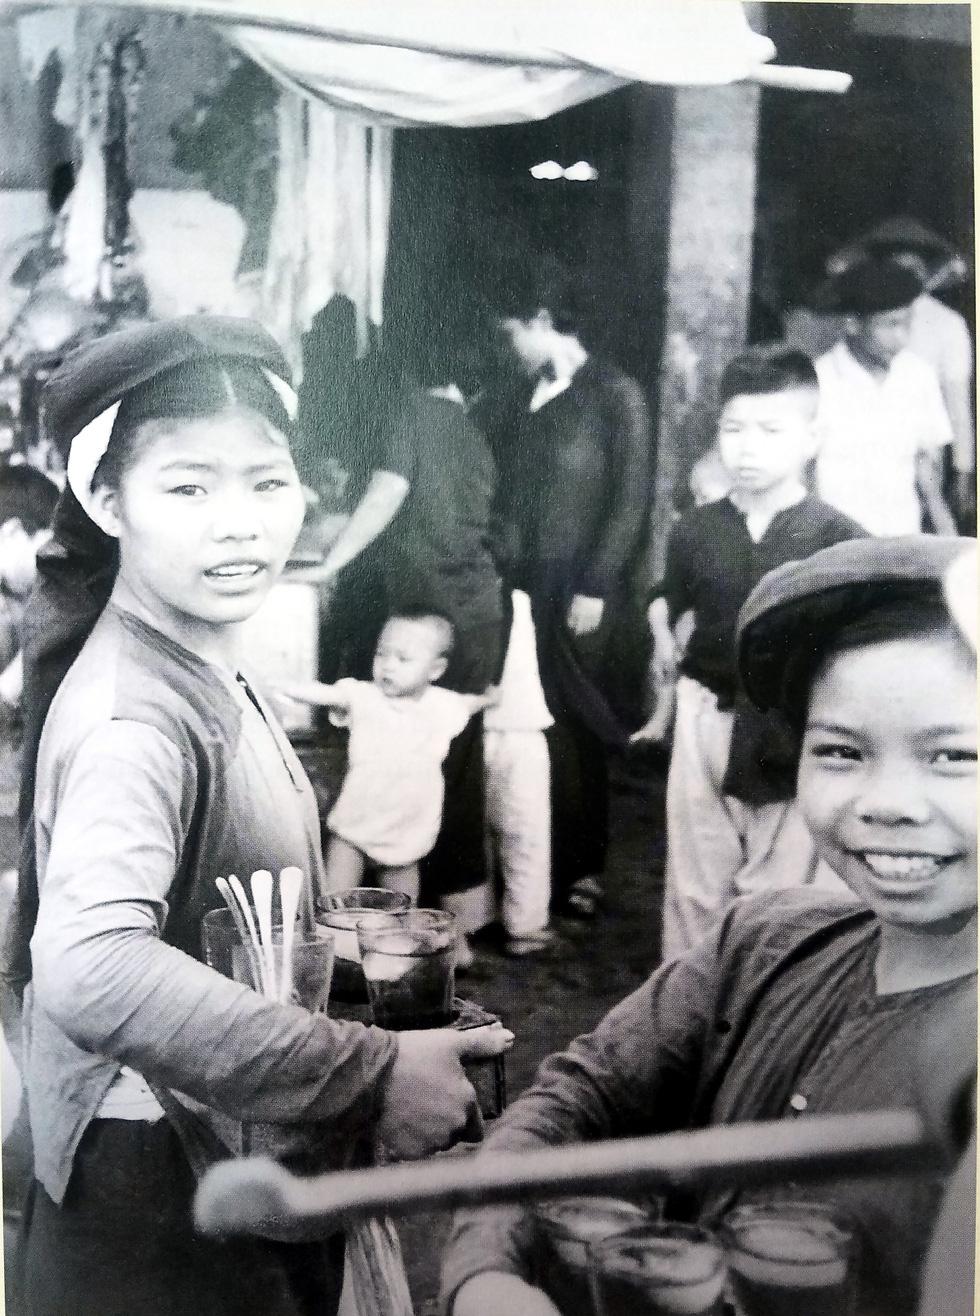 Ngắm hàng rong và nghe tiếng rao hàng trên phố Hà Nội xưa - Ảnh 9.